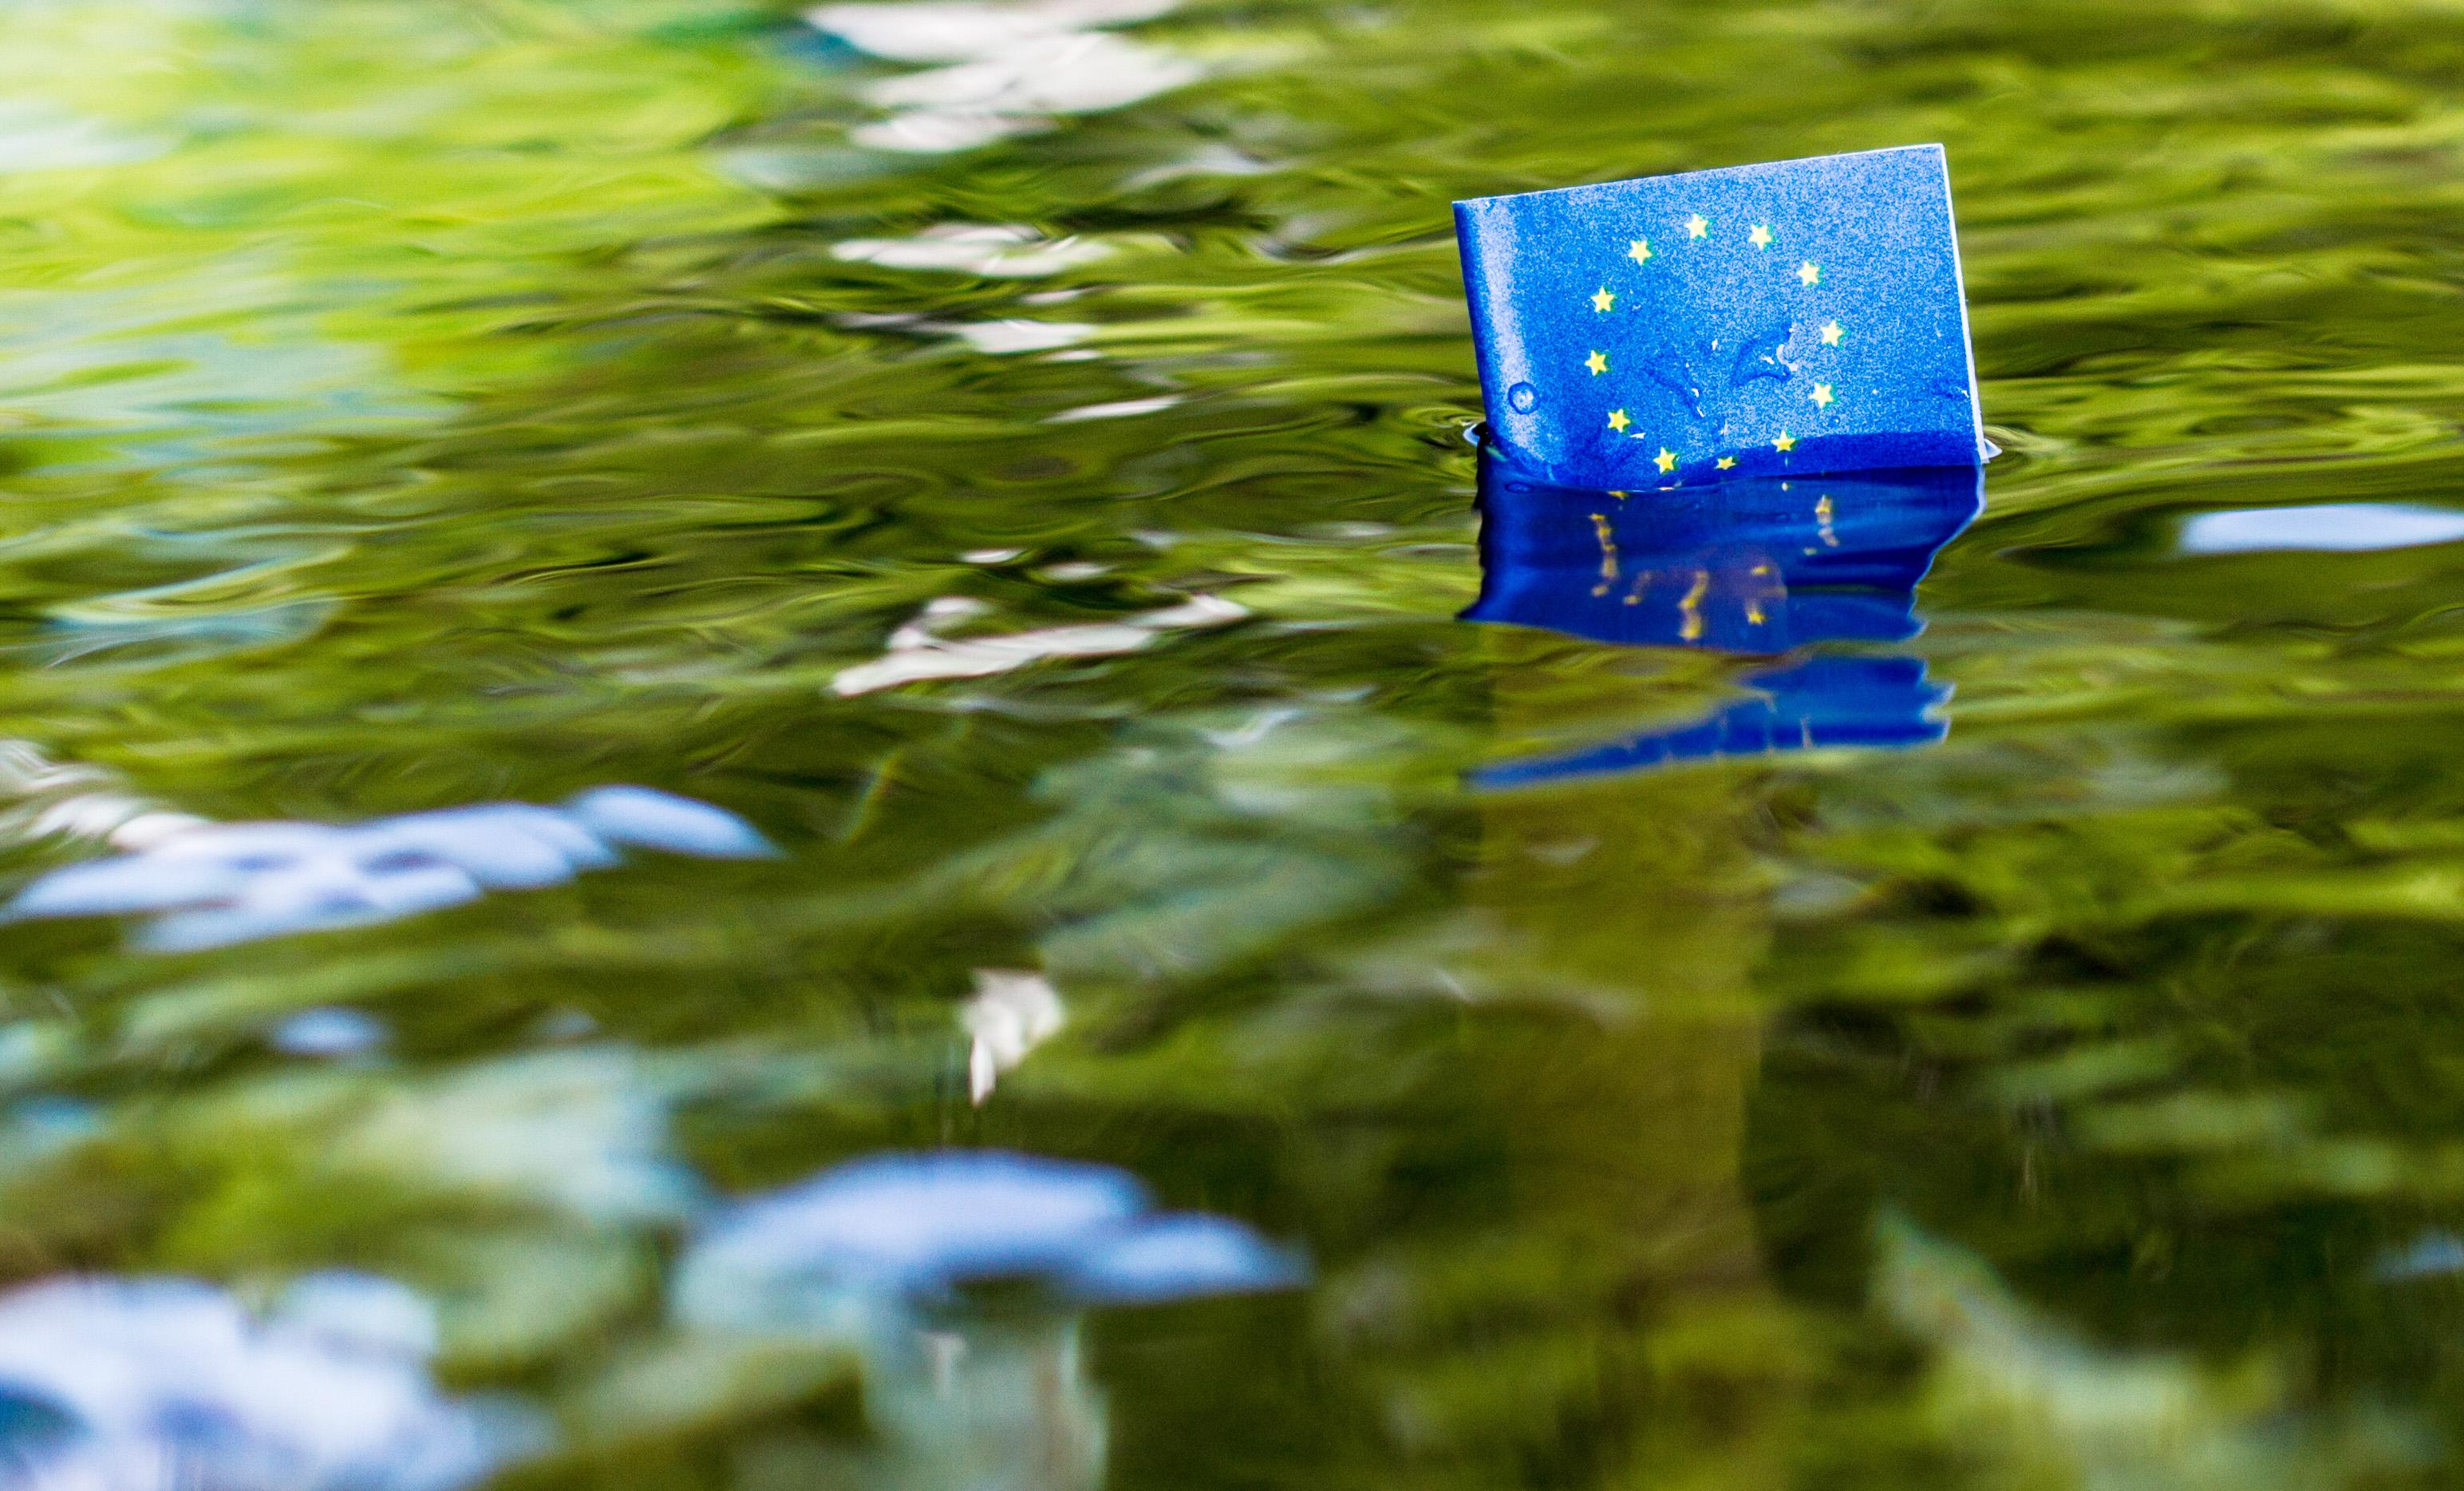 Befindet sich die EU in einer politischen Krise oder in einer unlösbaren Strukturkrise?